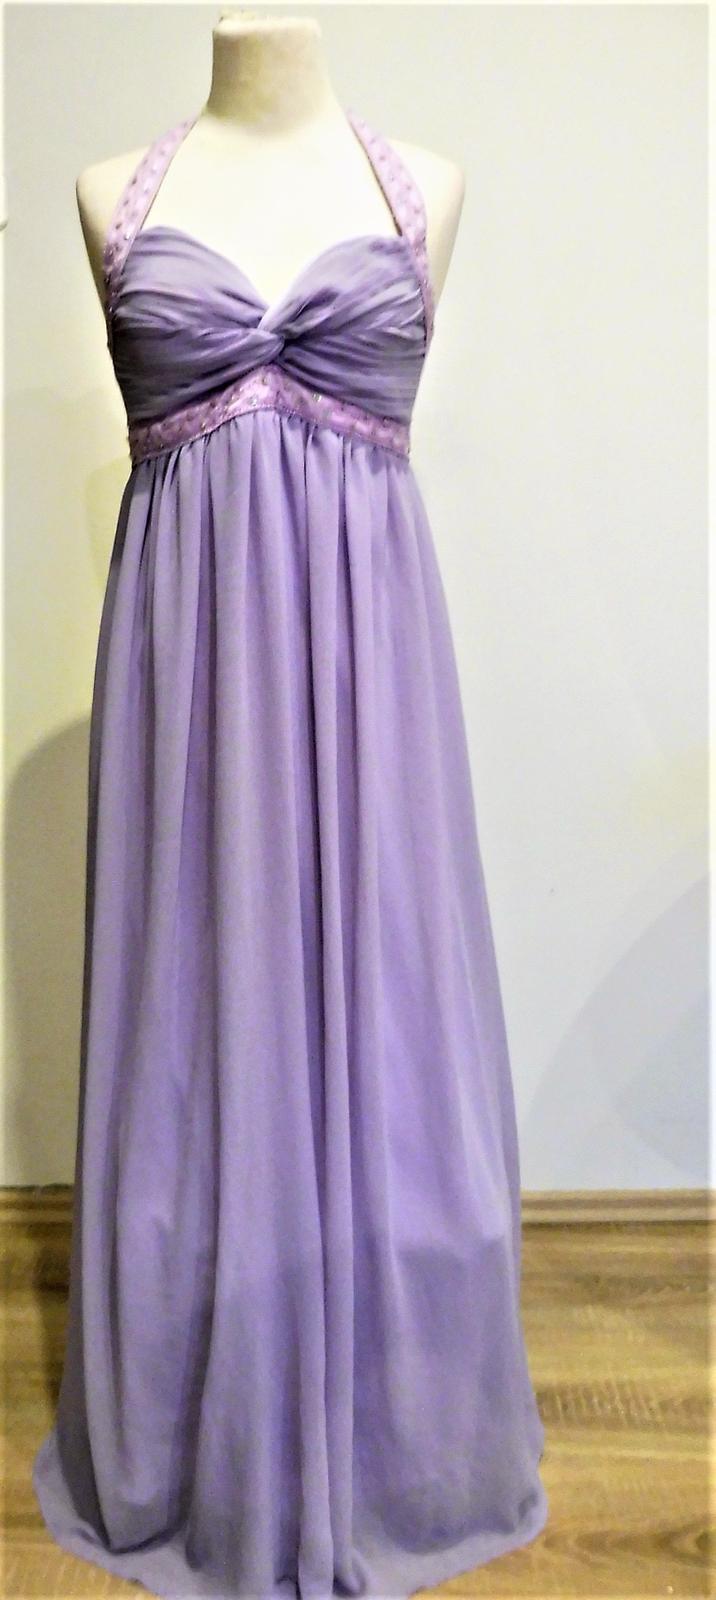 antické šaty vel.40 - Obrázek č. 1